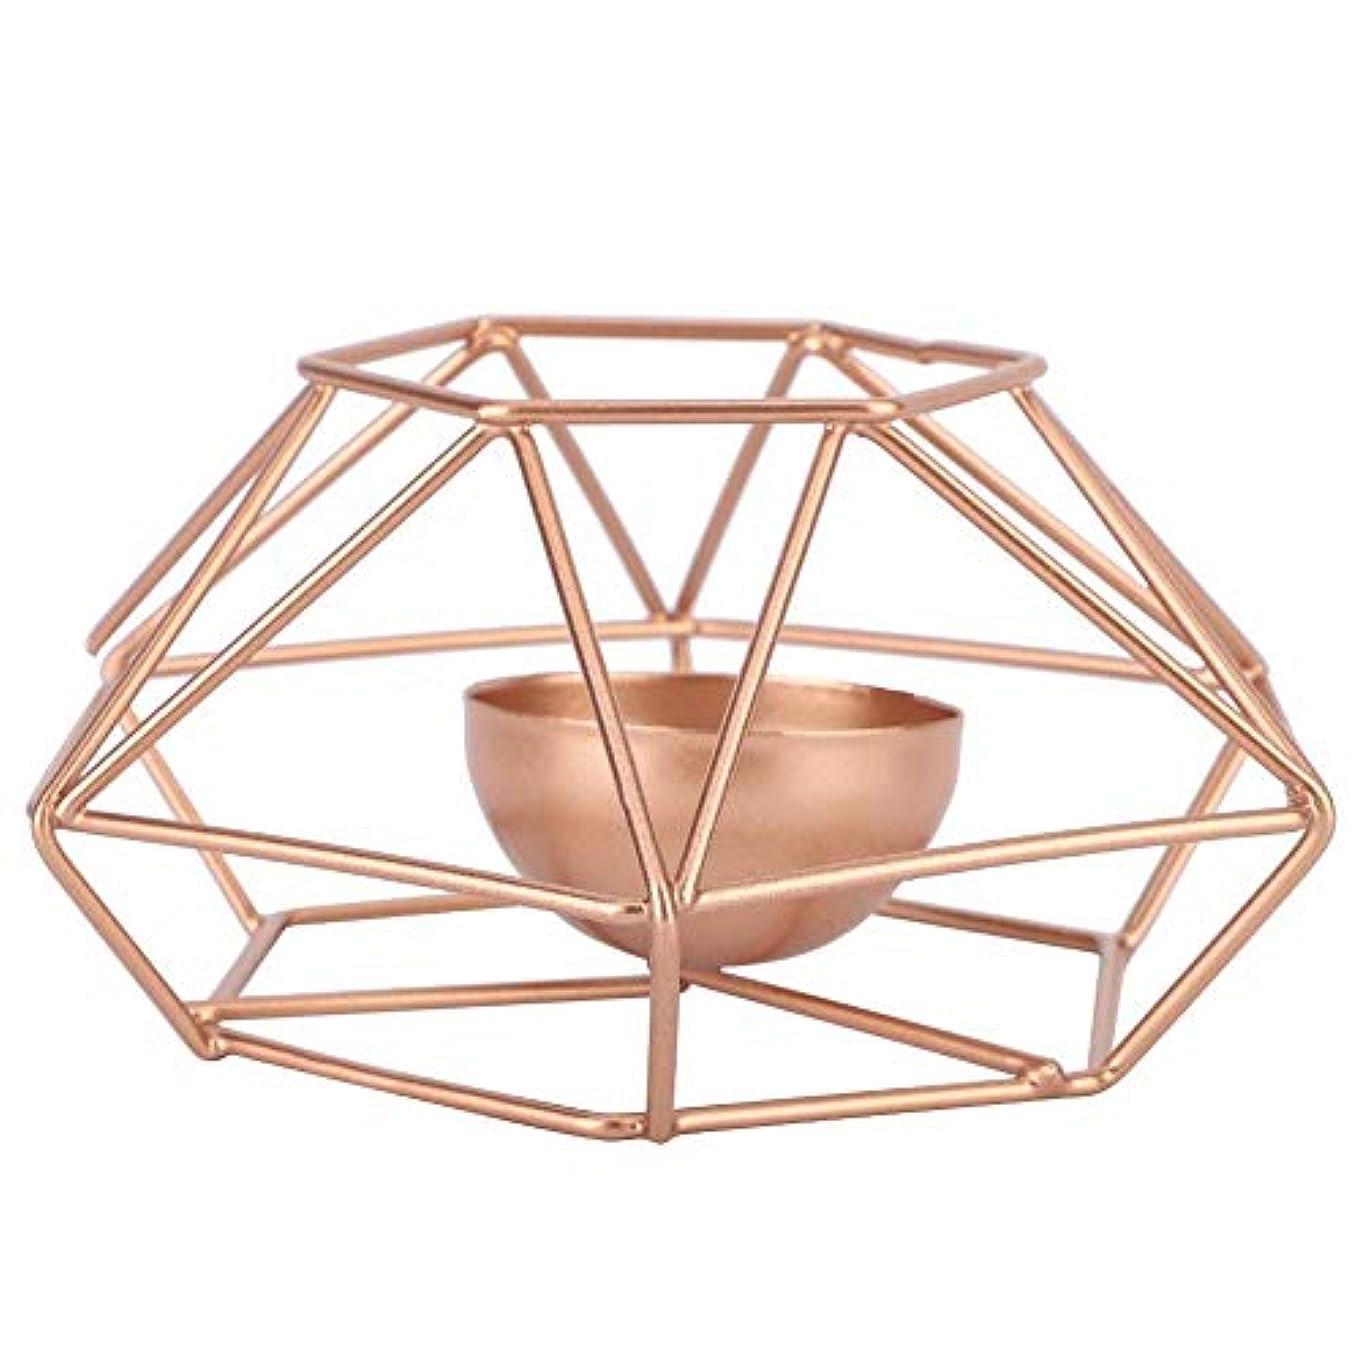 セミナー熱心移植鉄の燭台、現代スタイルの幾何学的な燭台スタンド鉄の蝋燭ホールダー金家の装飾飾り